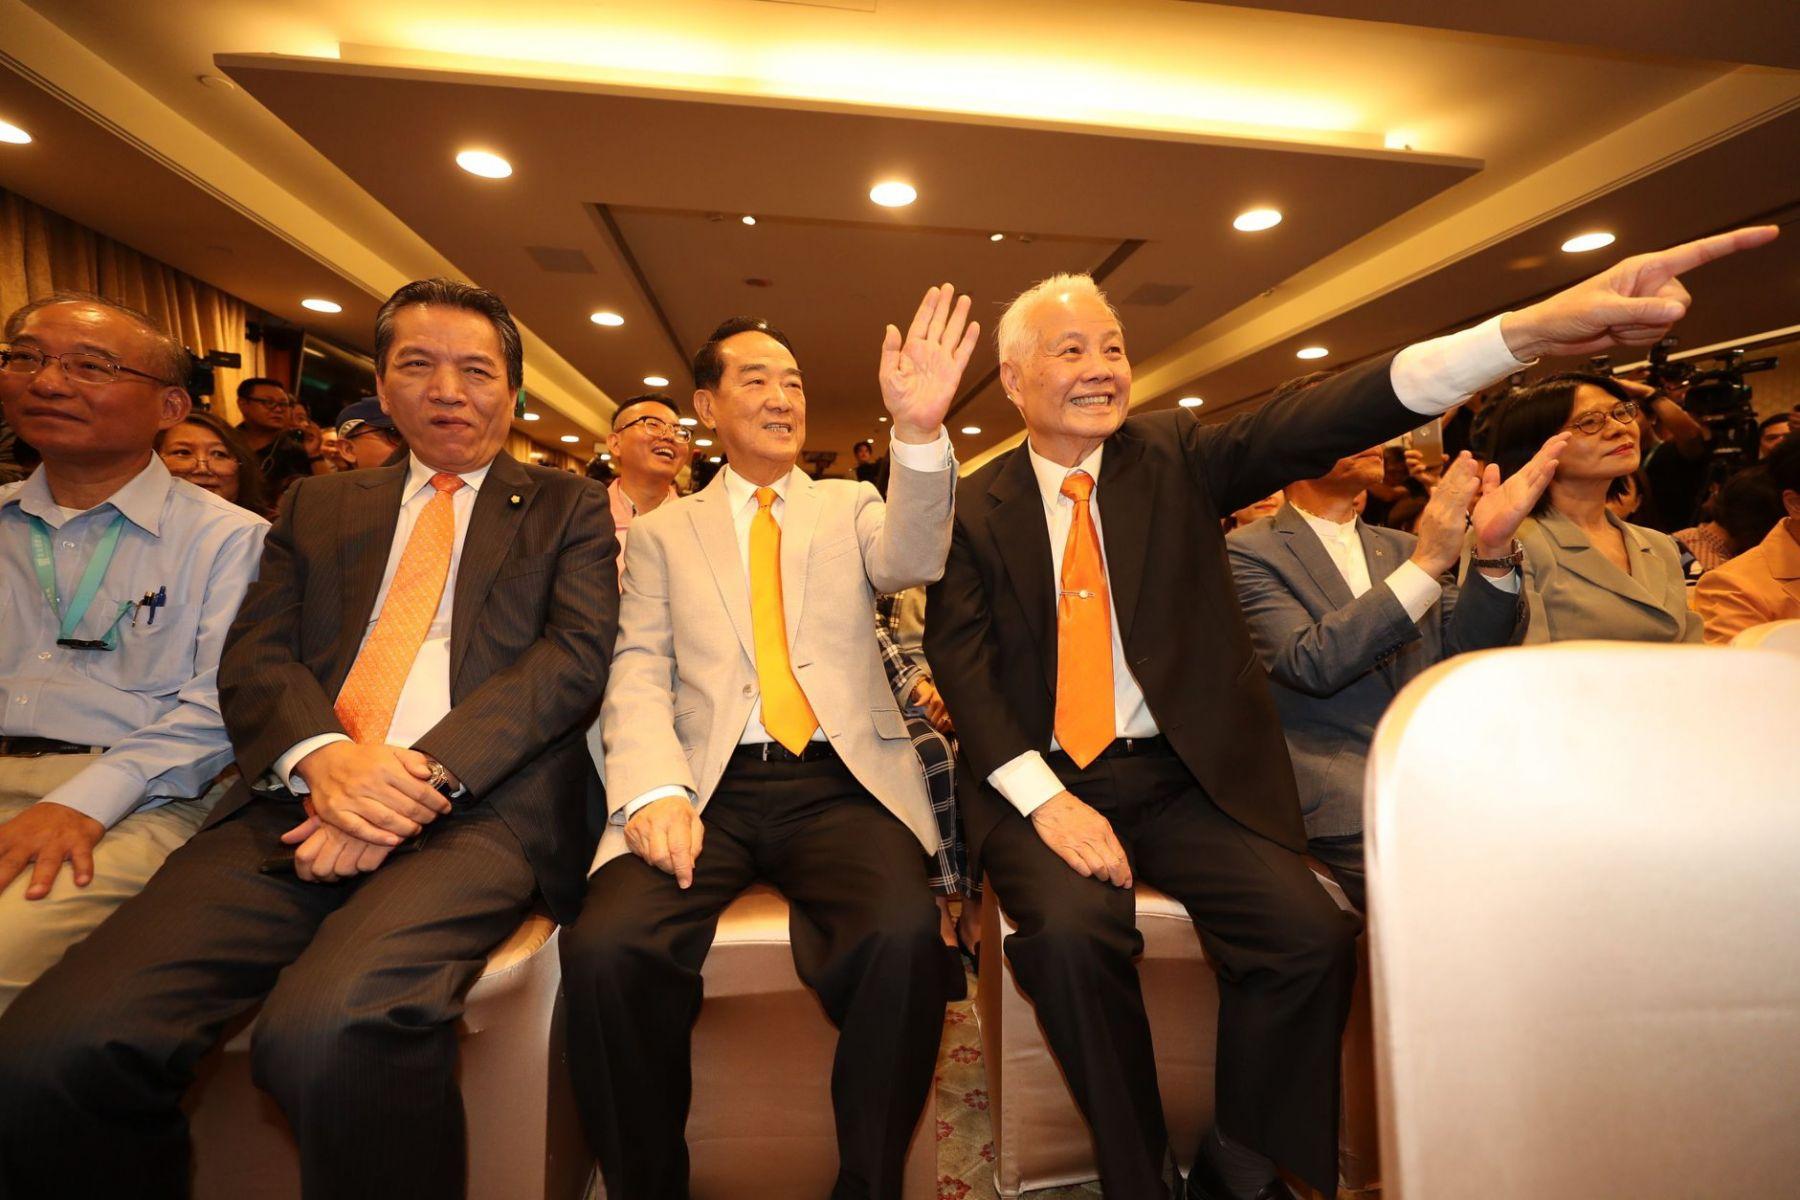 處處見「郭台銘」人馬!宣明智列第3、劉宥彤排第4 親民黨不分區名單出爐